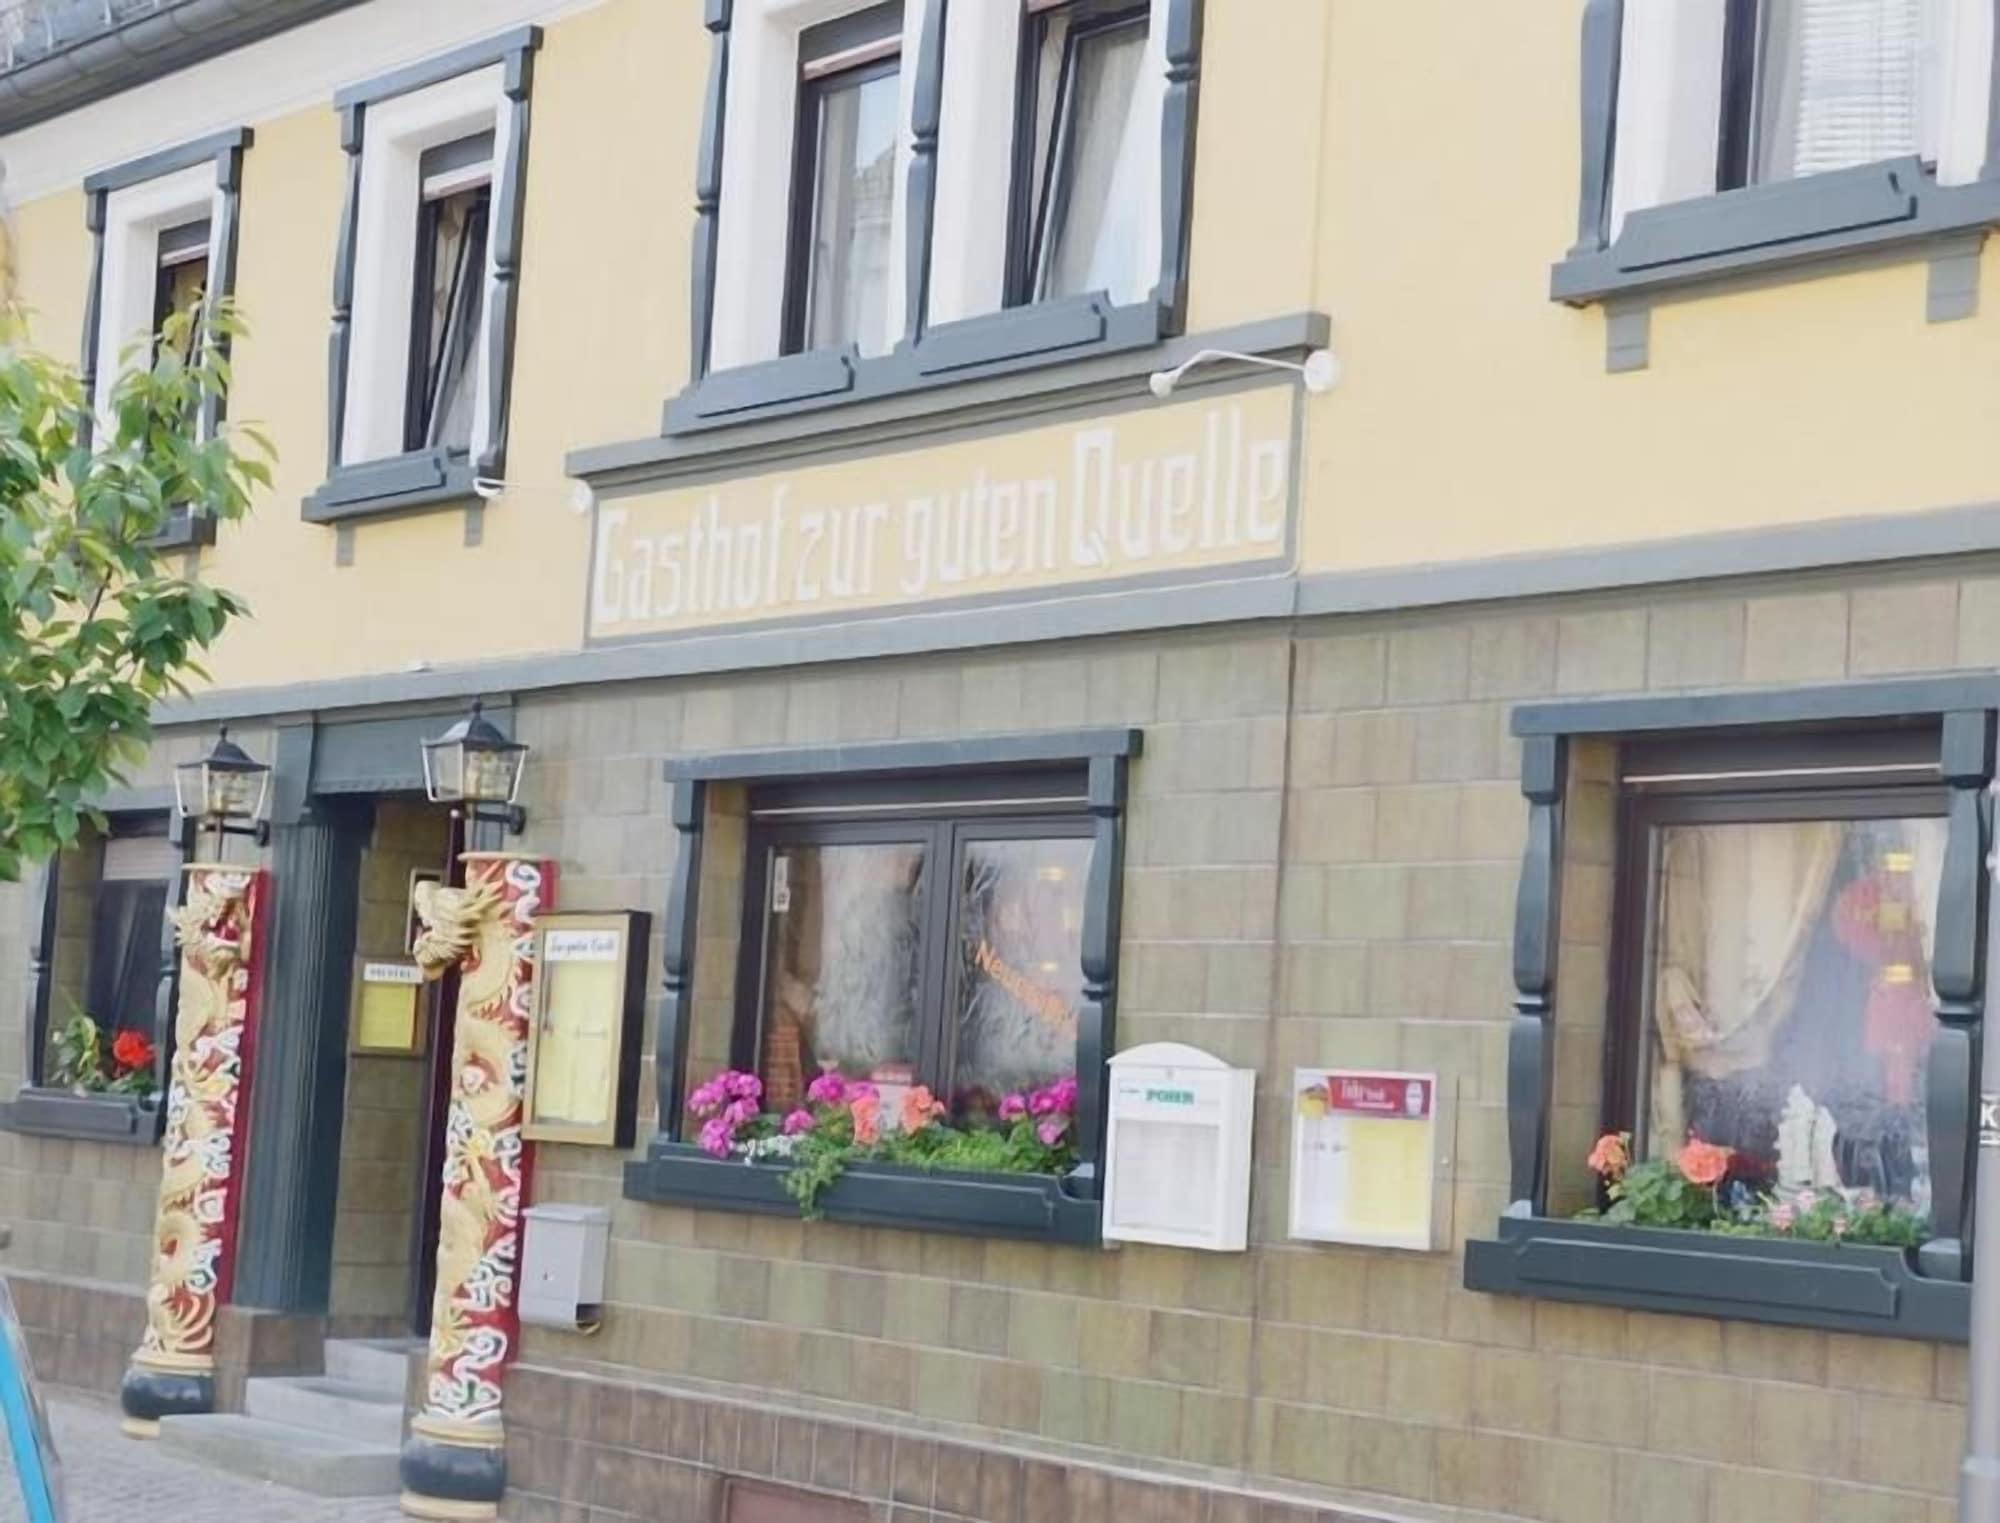 Hotel Zur Guten Quelle, Westerwaldkreis